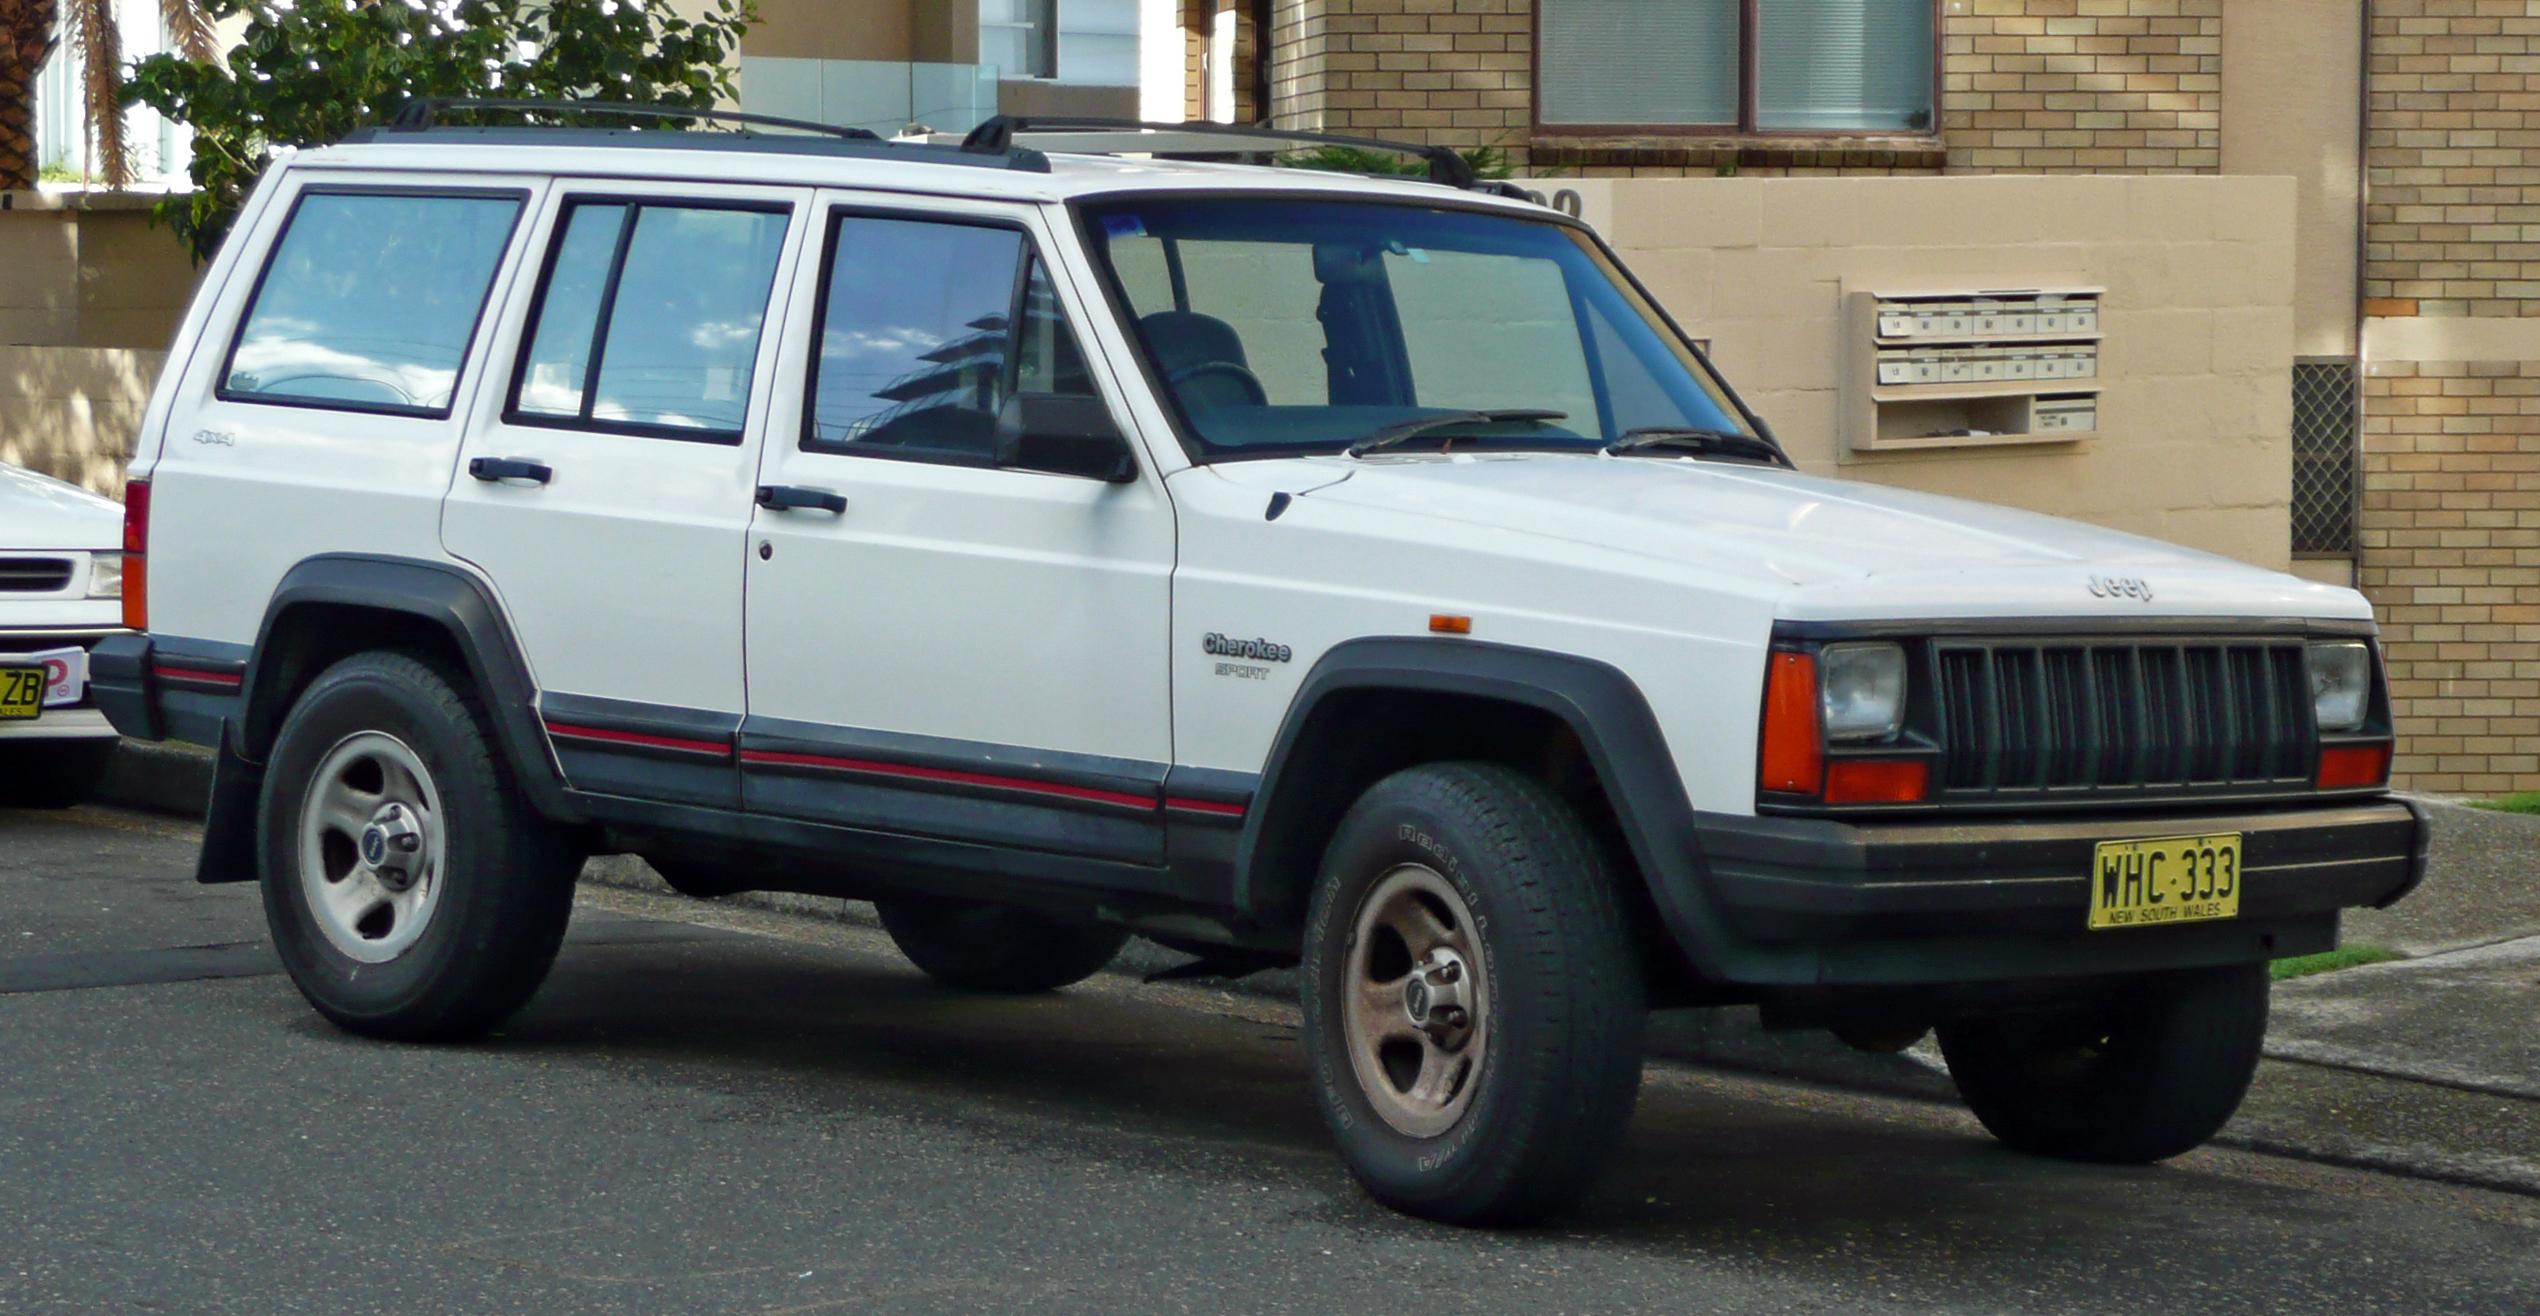 1997 Jeep Cherokee #7 Jeep Cherokee #7